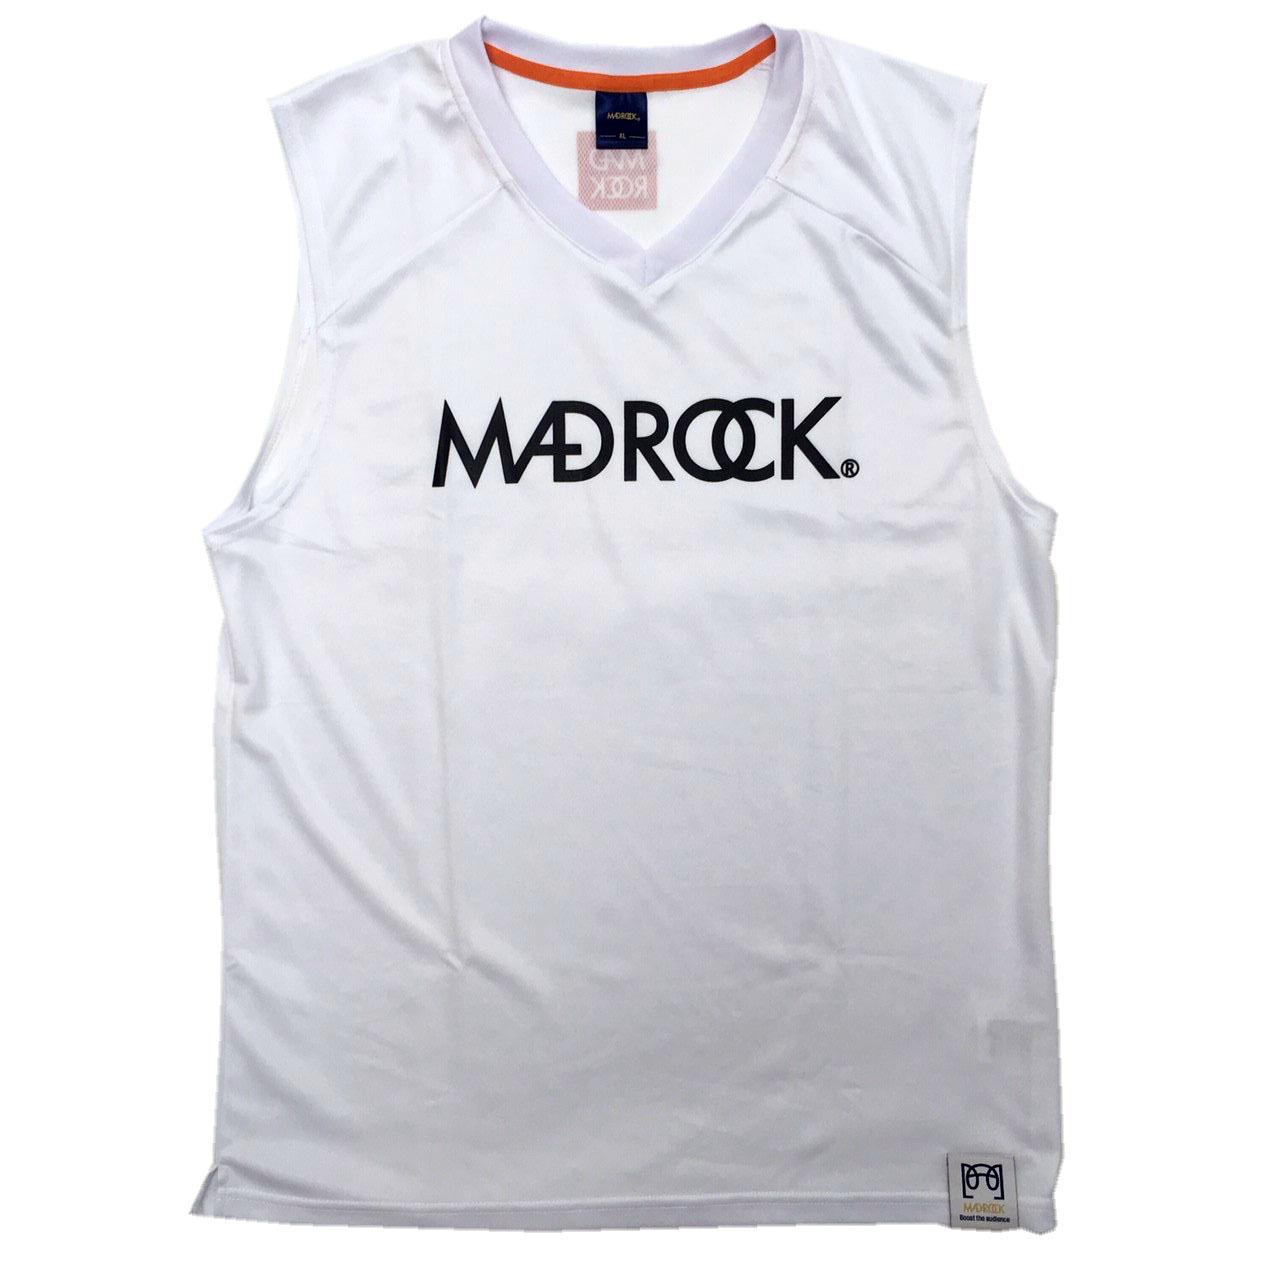 マッドロック / ベーシックスリーブレスシャツ / ドライタイプ /ホワイト